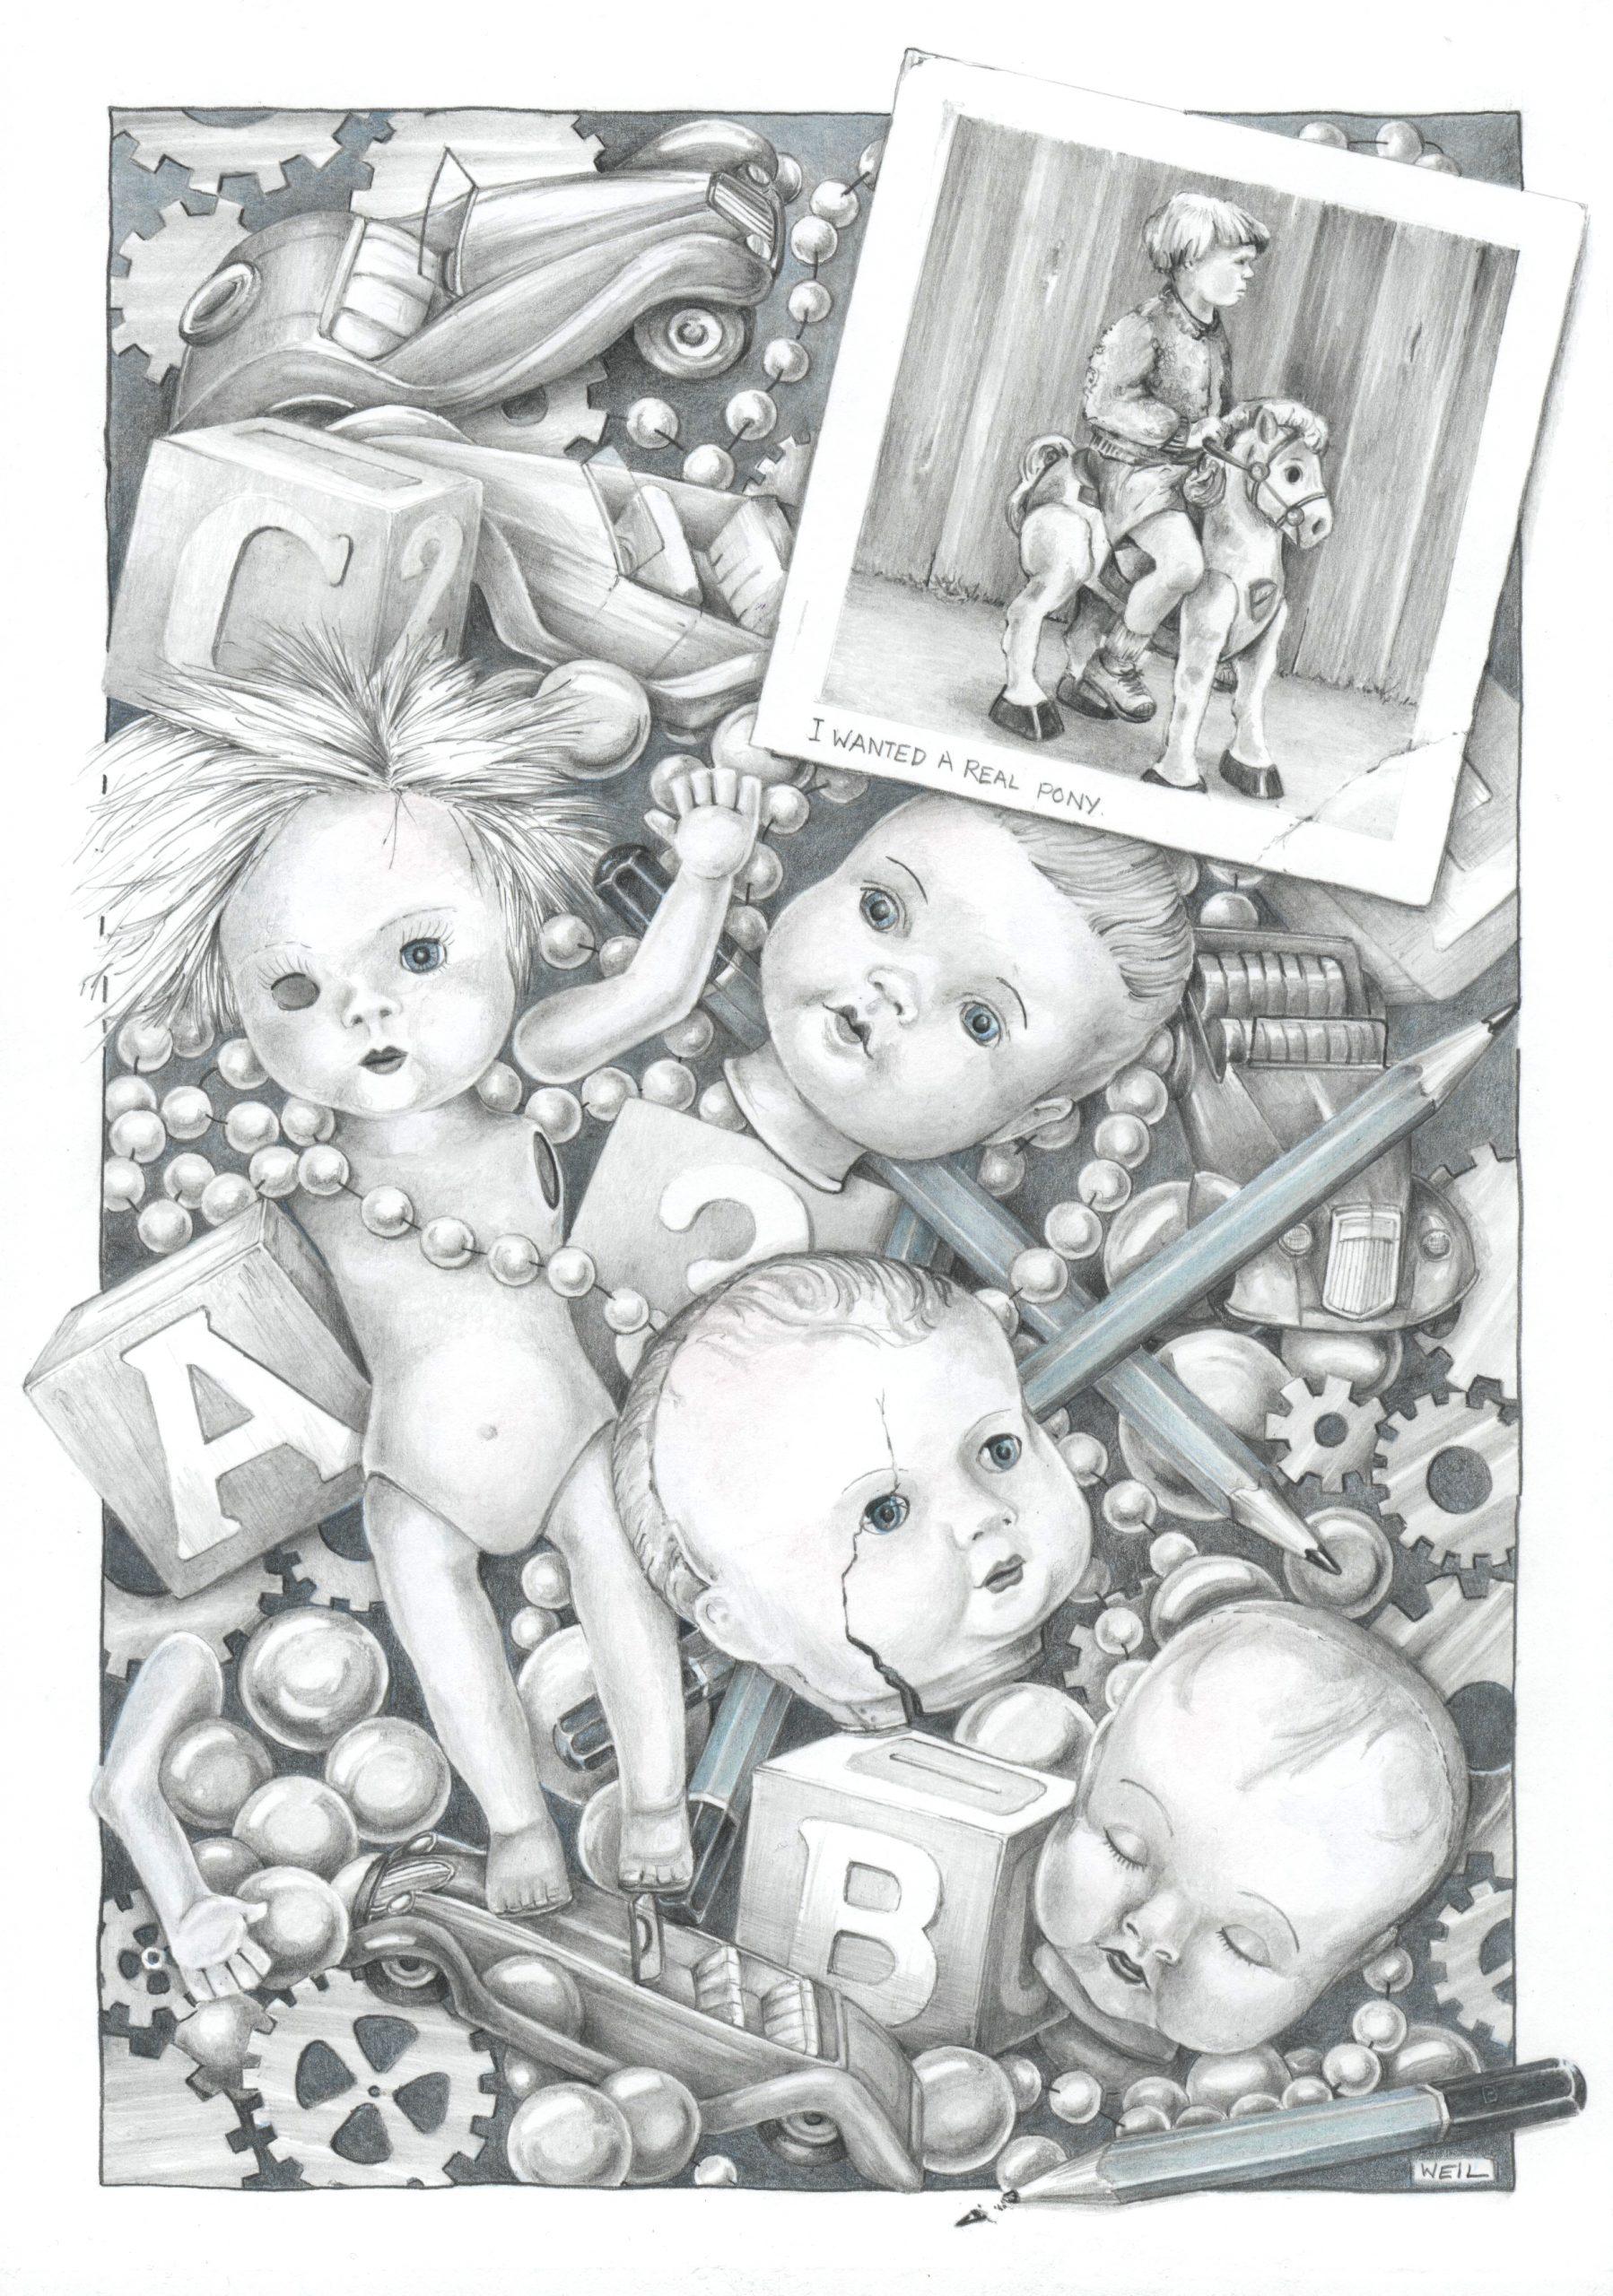 (26) Linda Weil - Toybox of Dramas Image